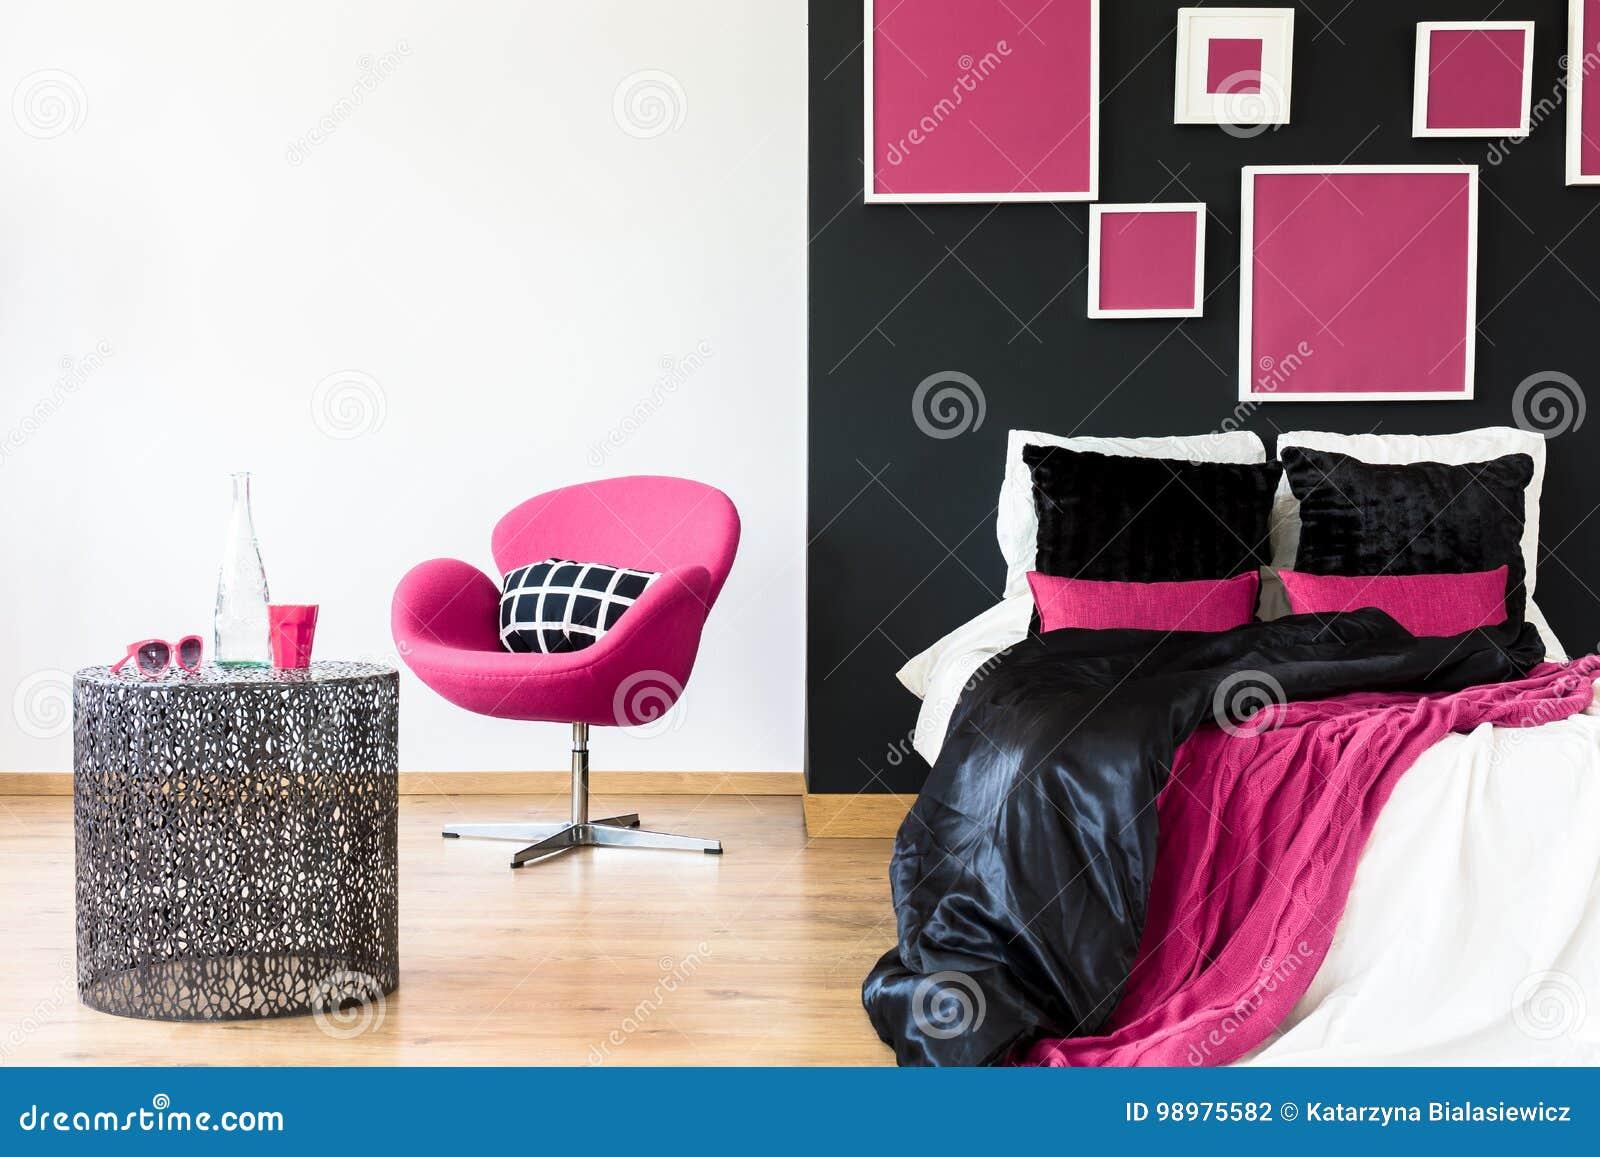 Roze Slaapkamer Stoel : Roze stoel in girly slaapkamer stock foto afbeelding bestaande